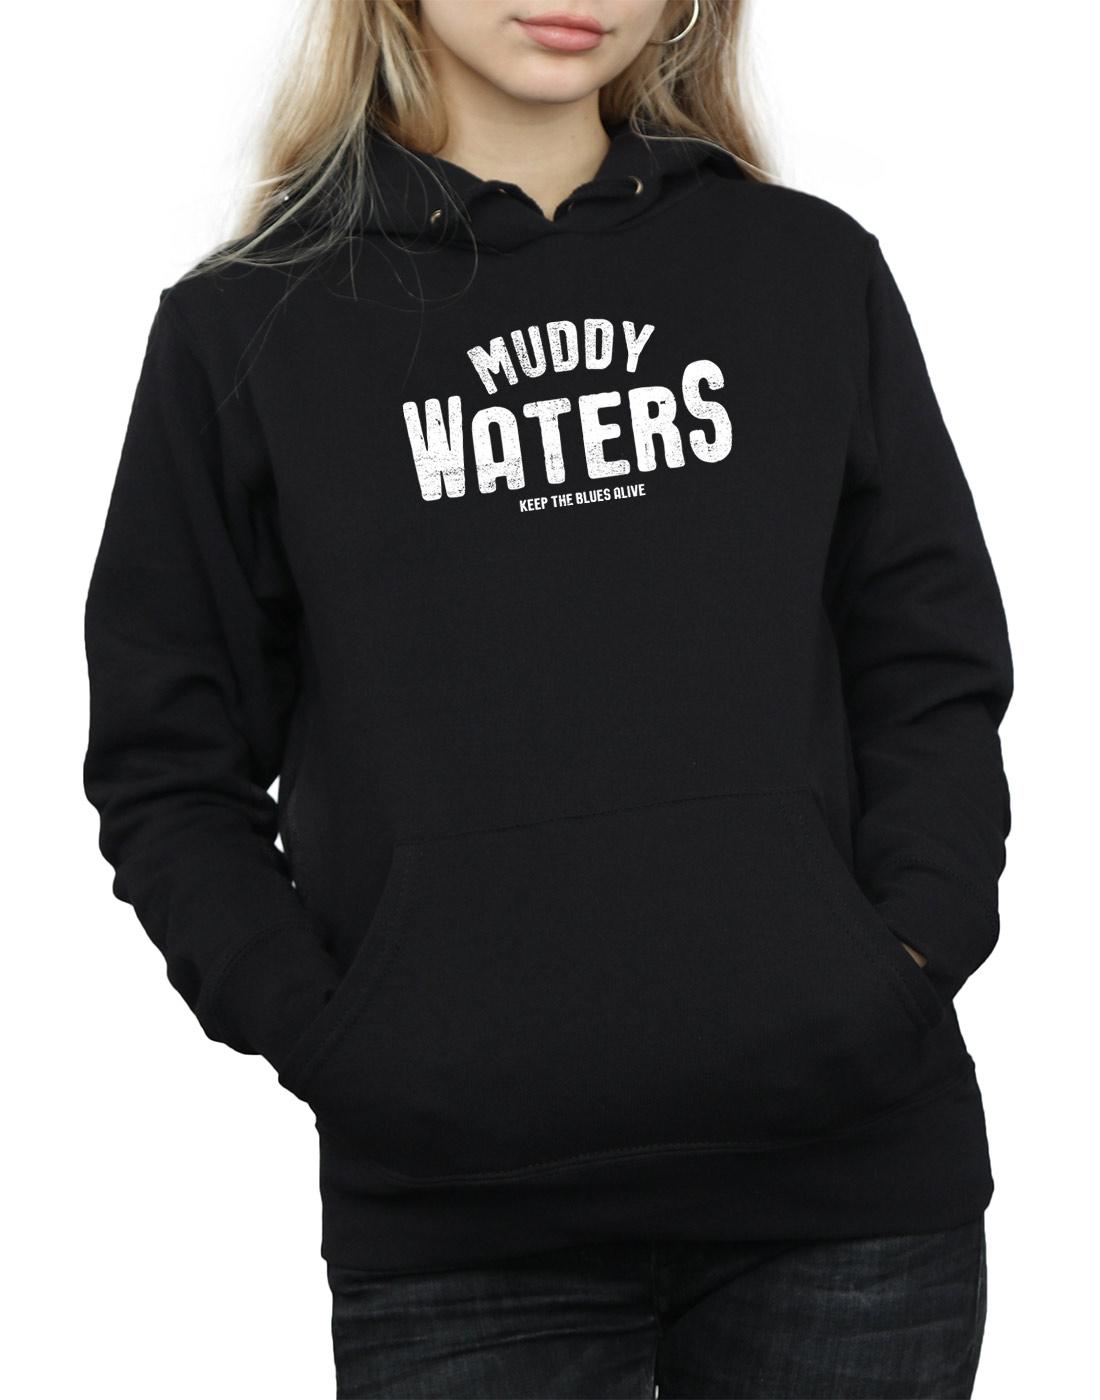 Muddy Muddy Muddy Waters Women's Legends Tribute Hoodie 8bb60e